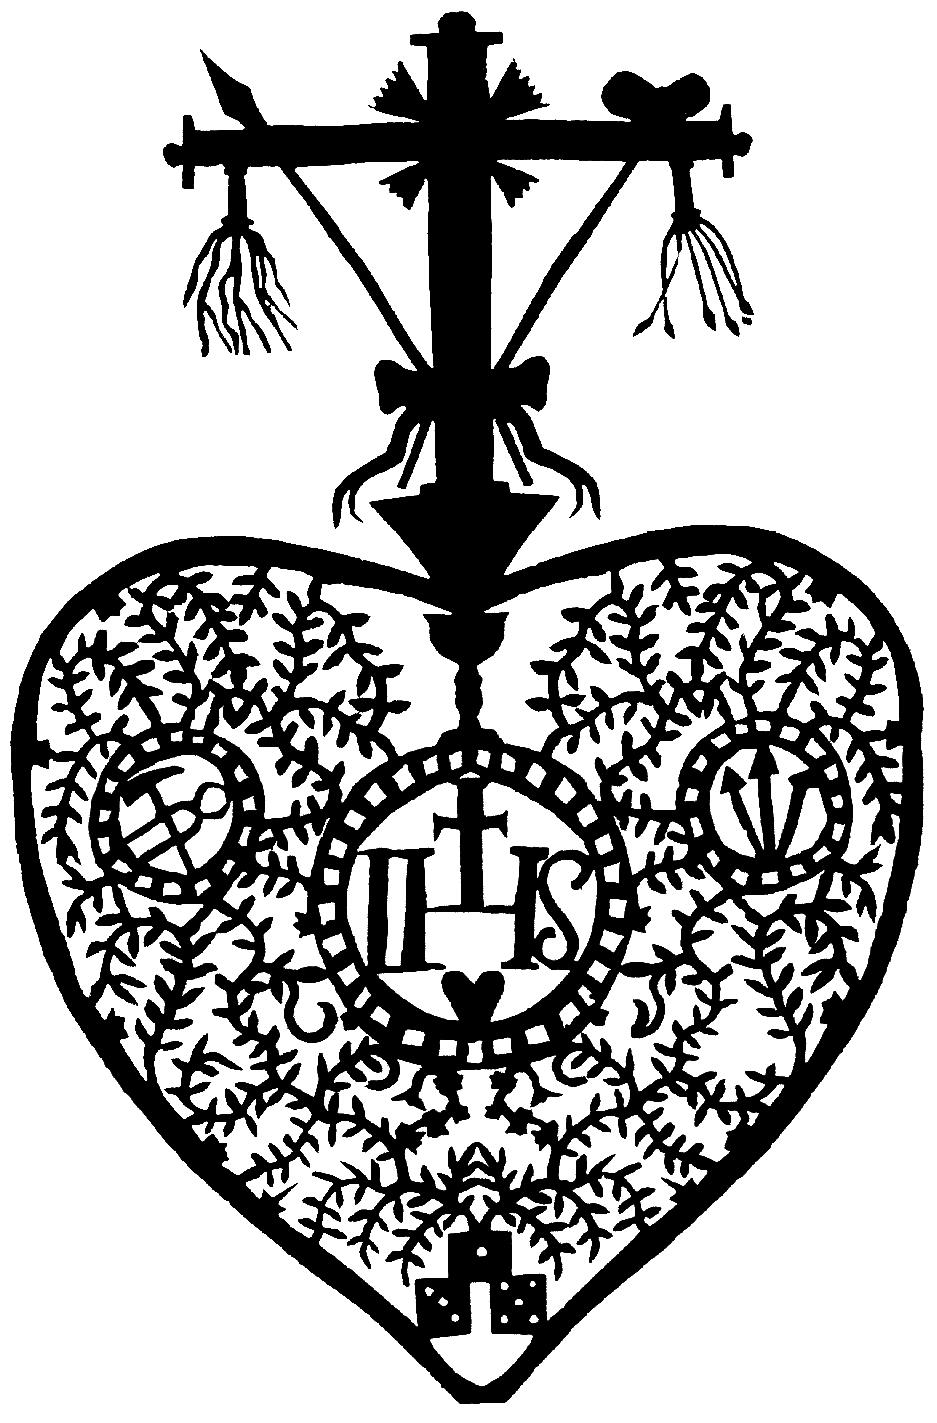 Scherenschnitt, Herz, Marterwerkzeug, Oberösterreich